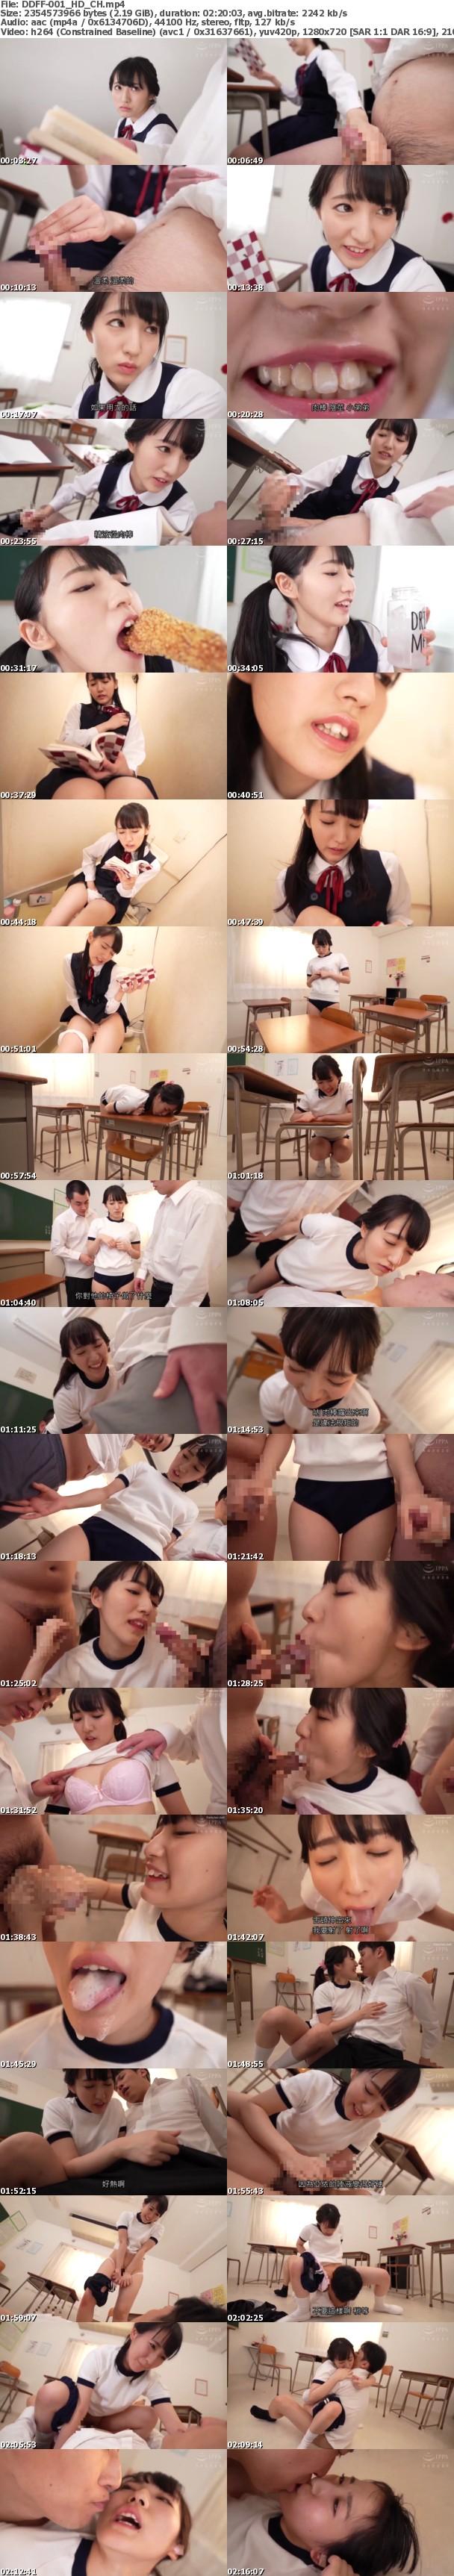 [中字] DDFF-001 被文學女子奪走第一次的青春性愛日記 河奈亞依